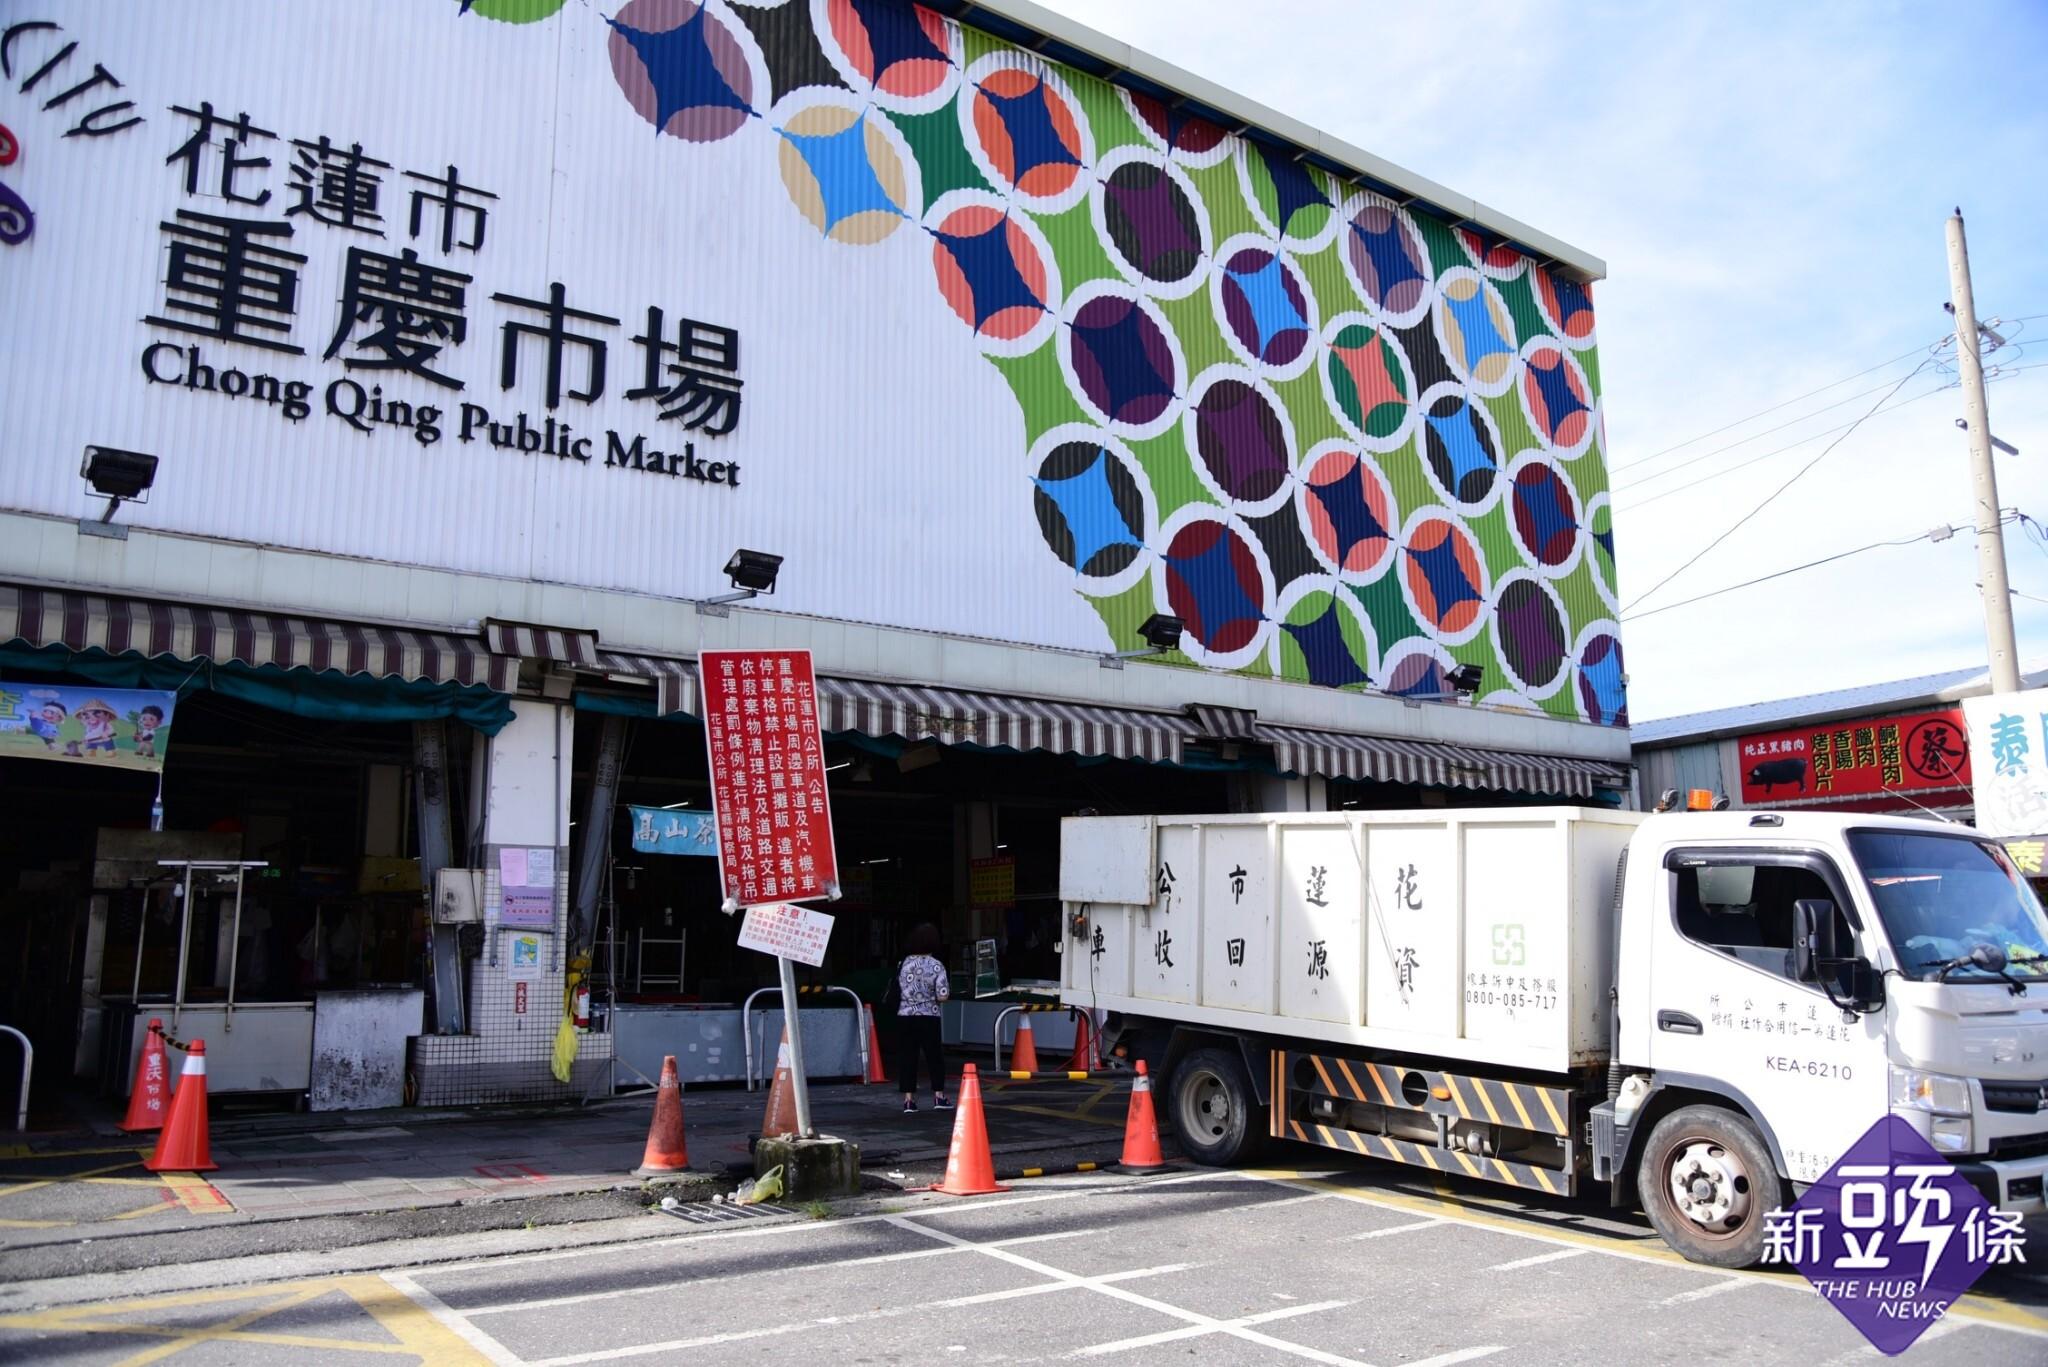 花蓮重慶市場休市大清消 讓攤商及消費者安心